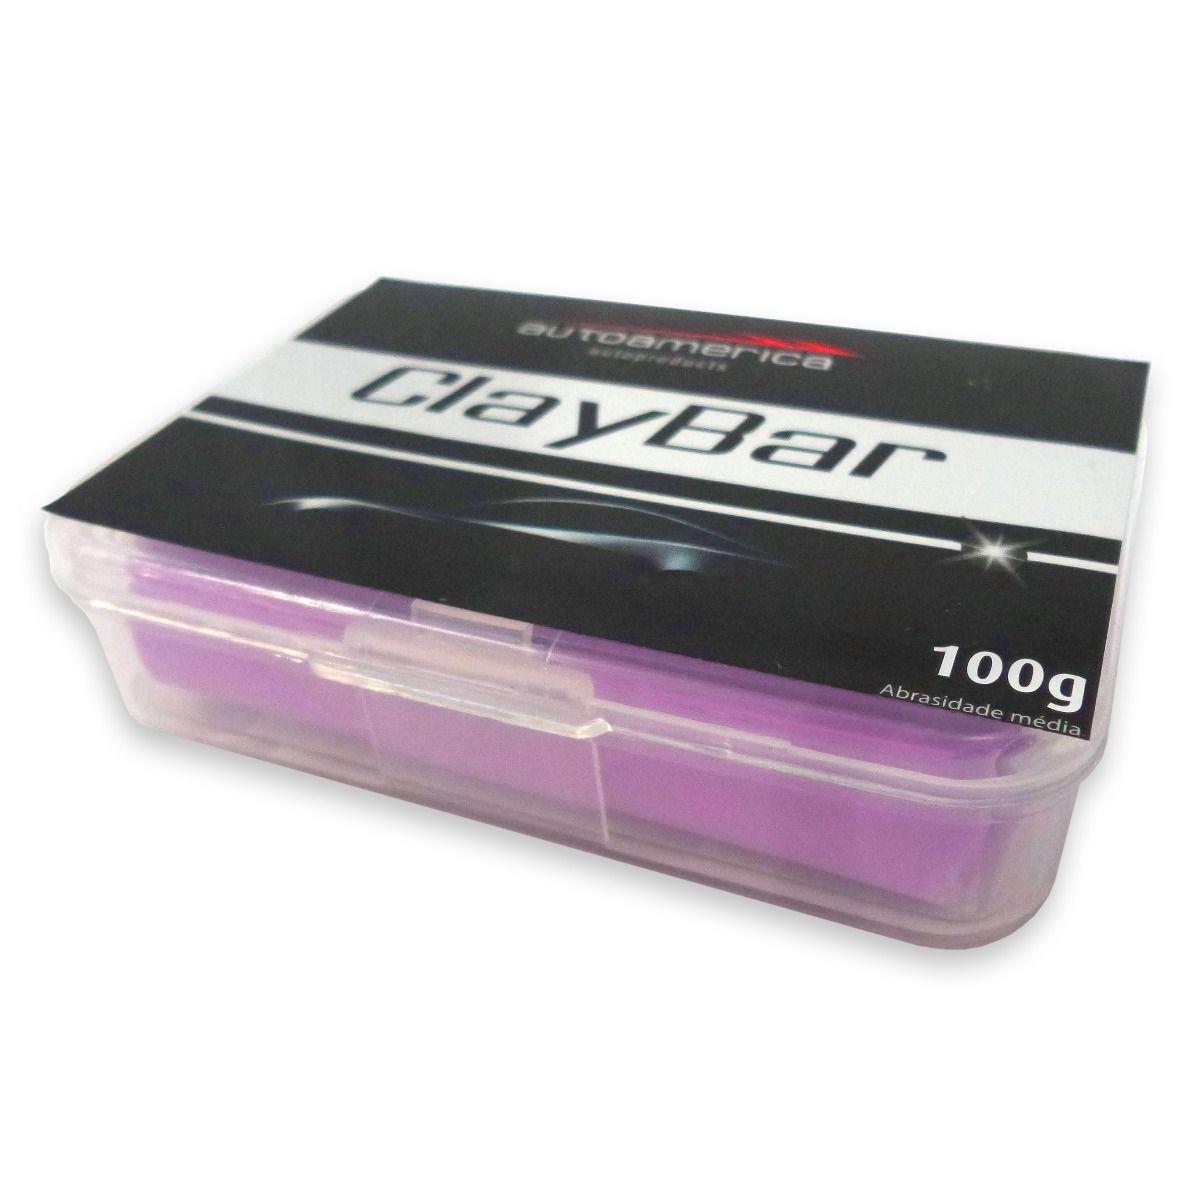 Clay bar Autoamerica (100GR)